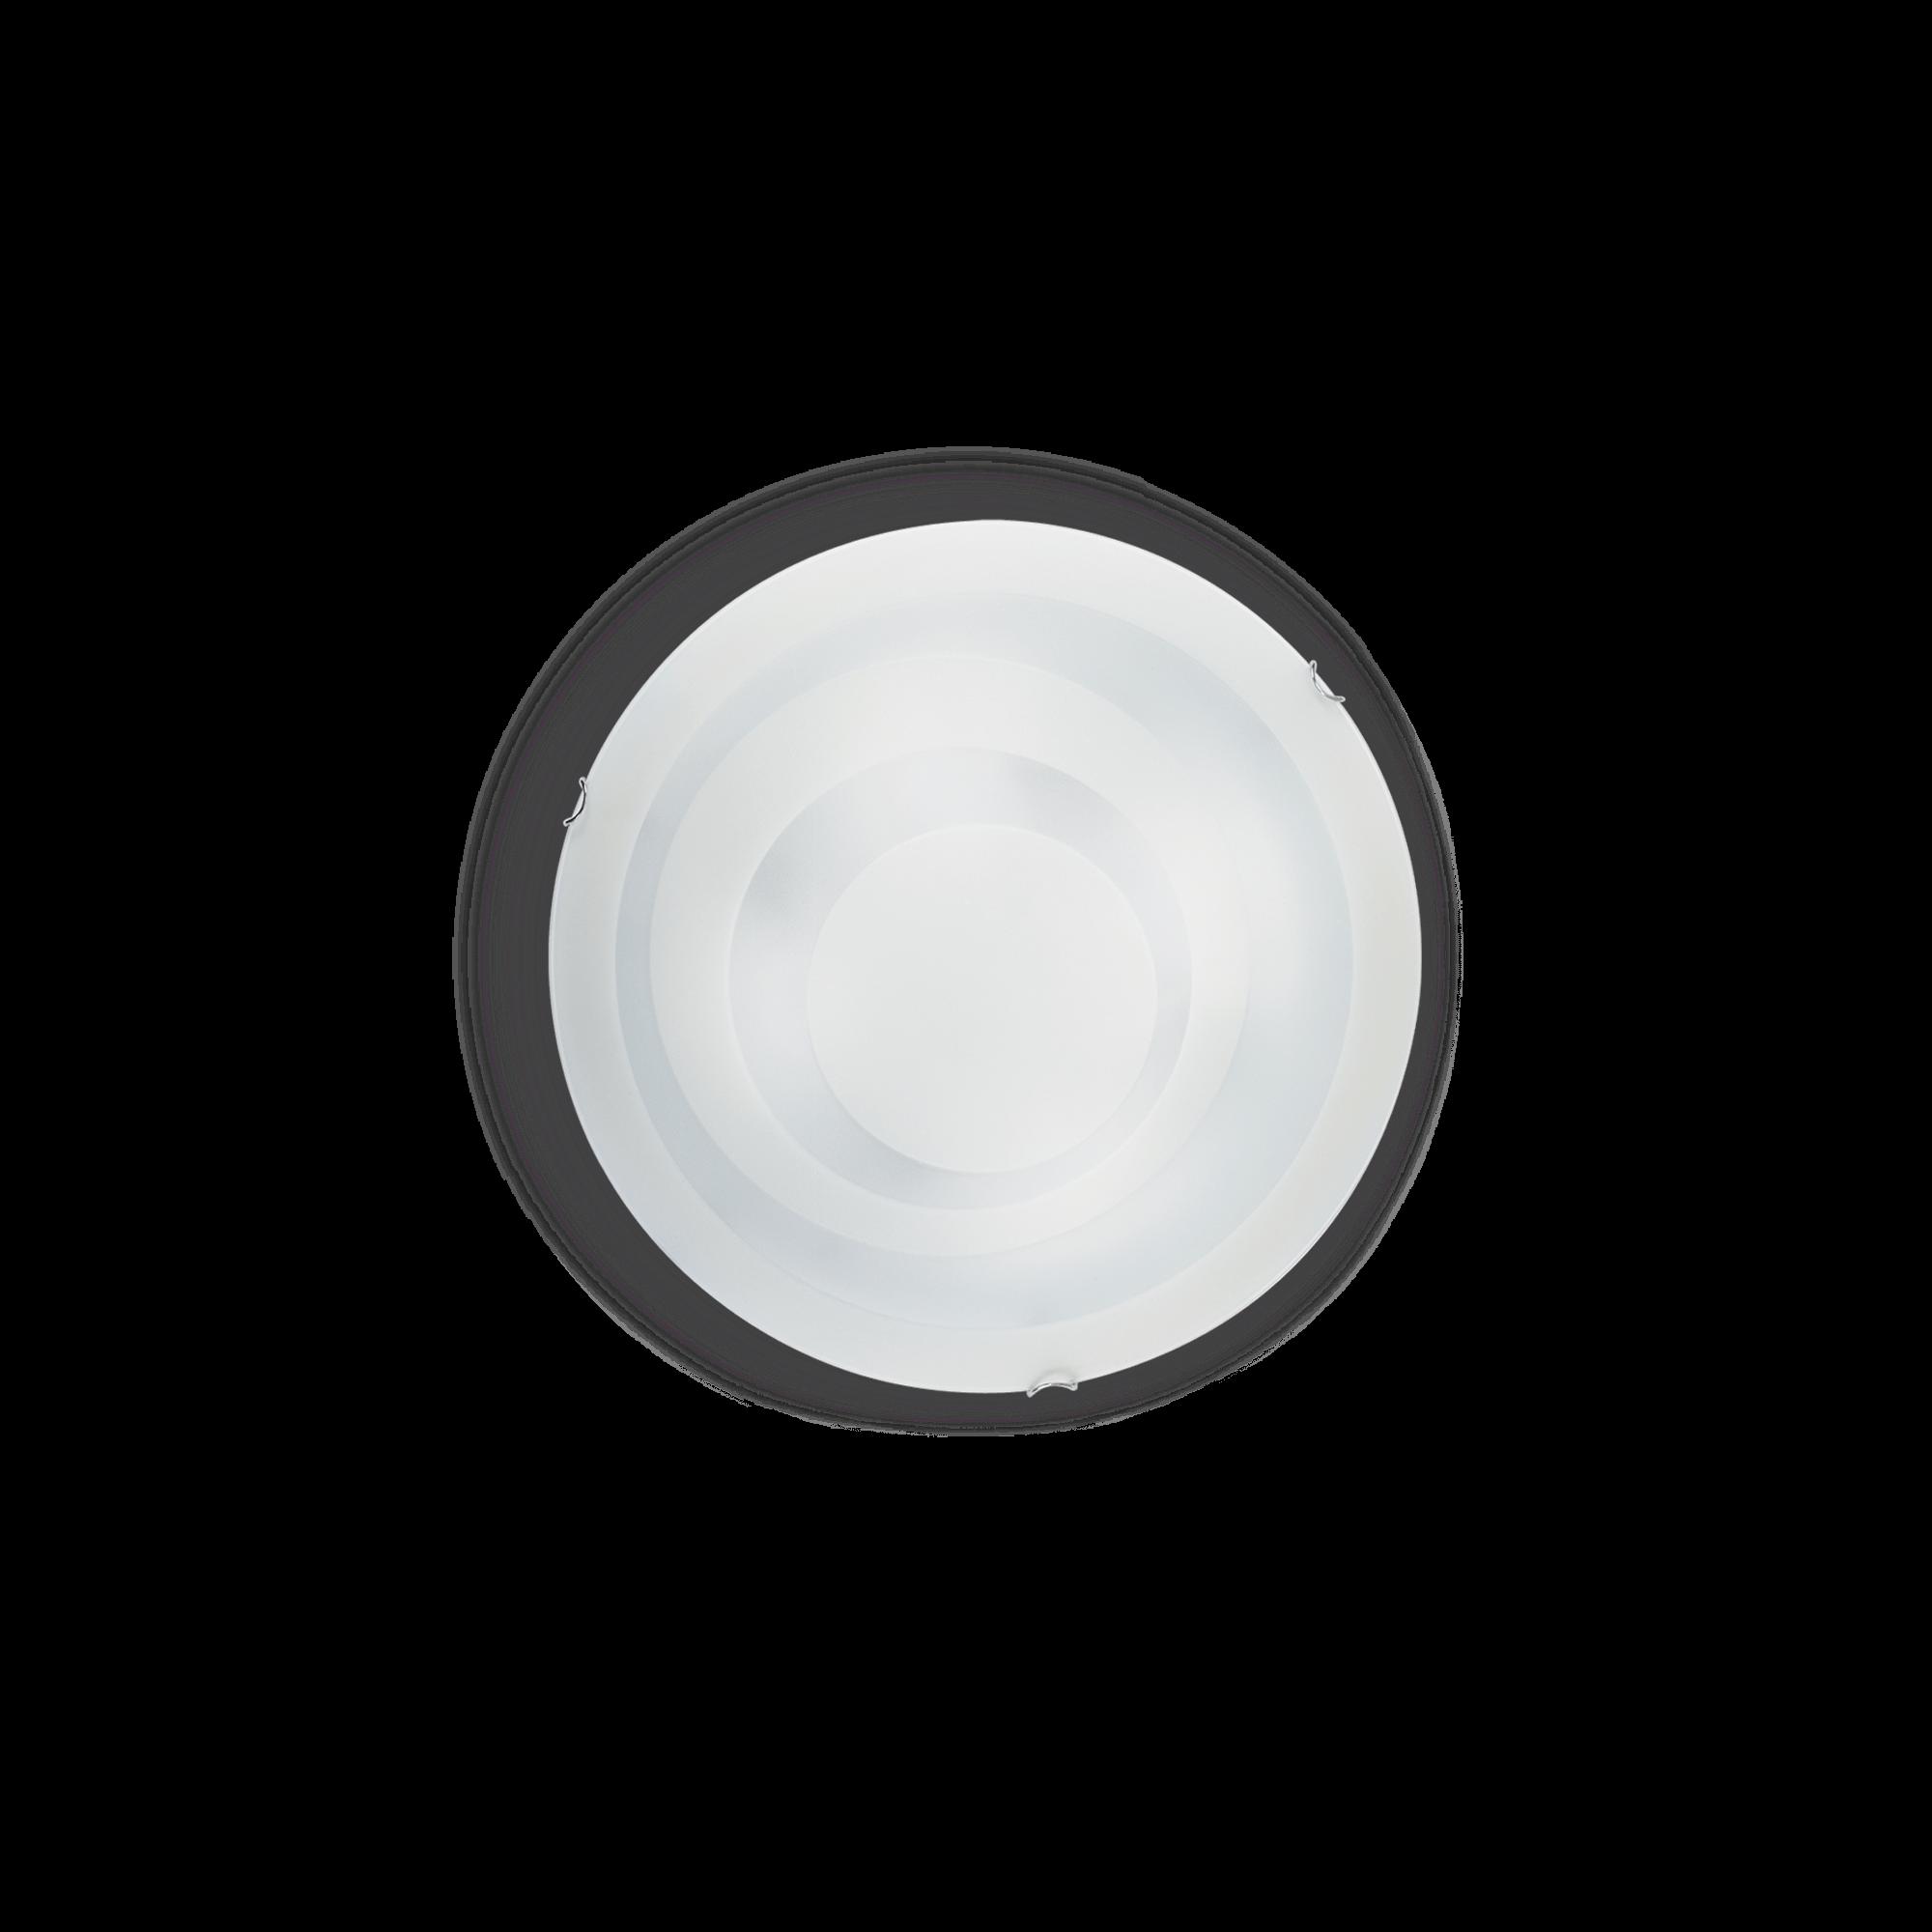 Ideal Lux 020891 Dony PL2 mennyezeti lámpa